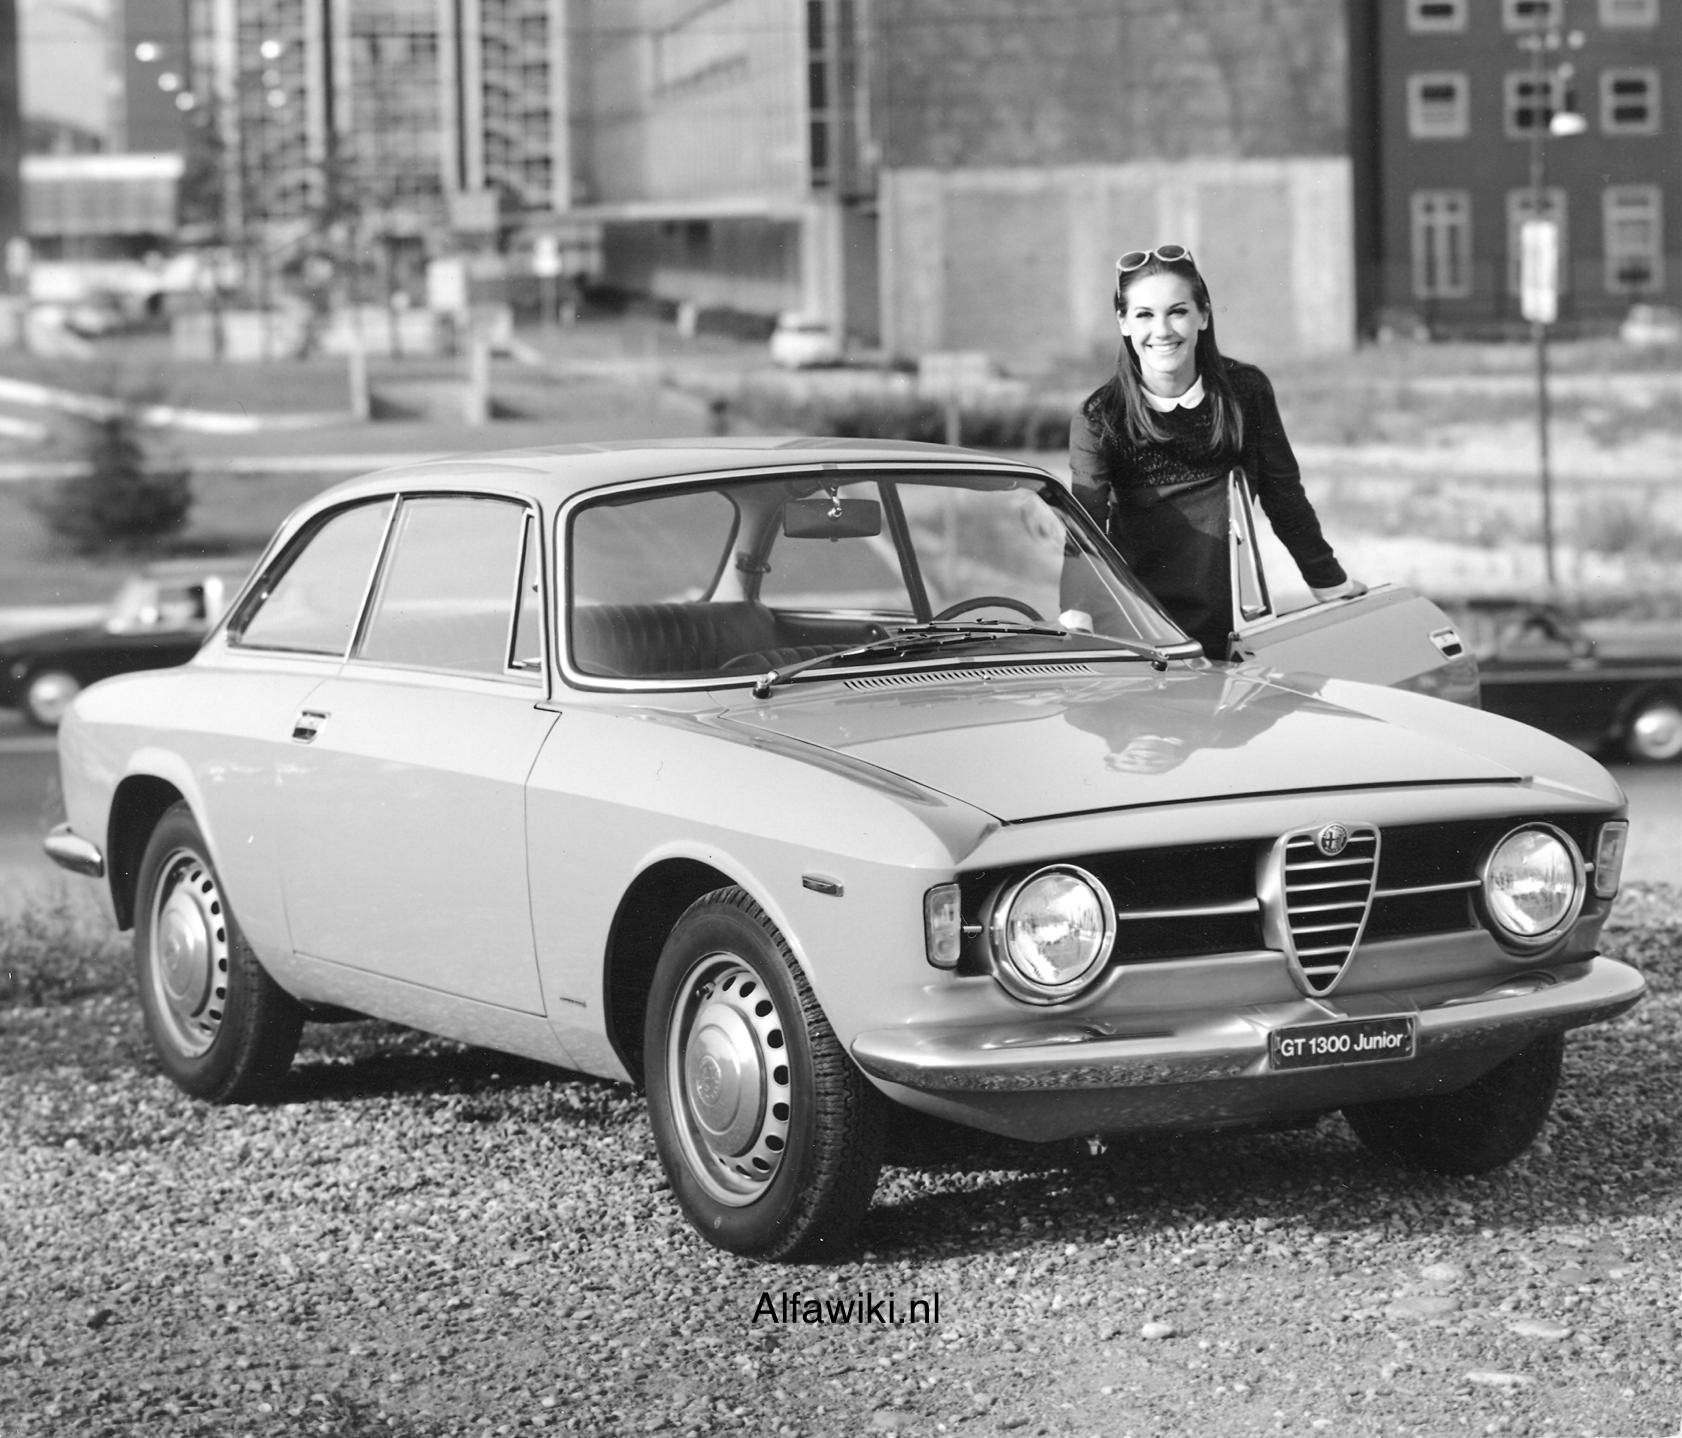 Alfa Romeo 1300 Junior press photos